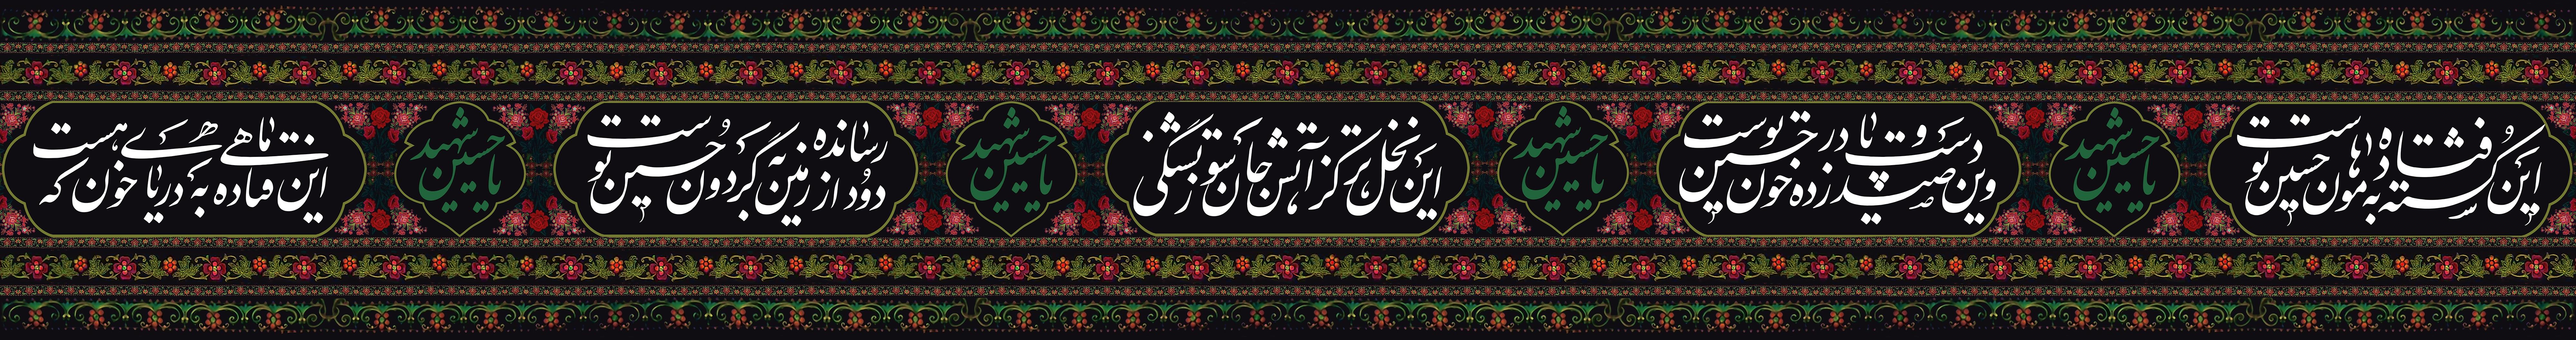 katibe-moharram05